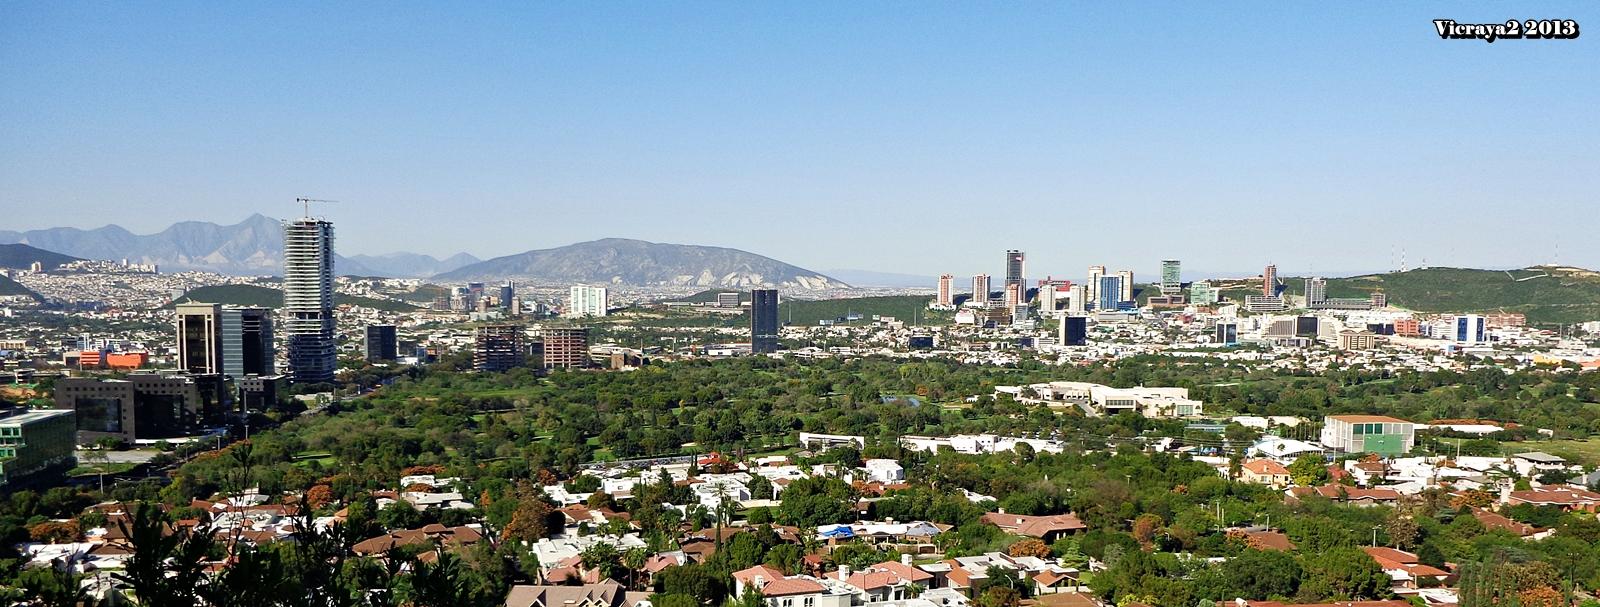 Foto panoramica de rayados 60